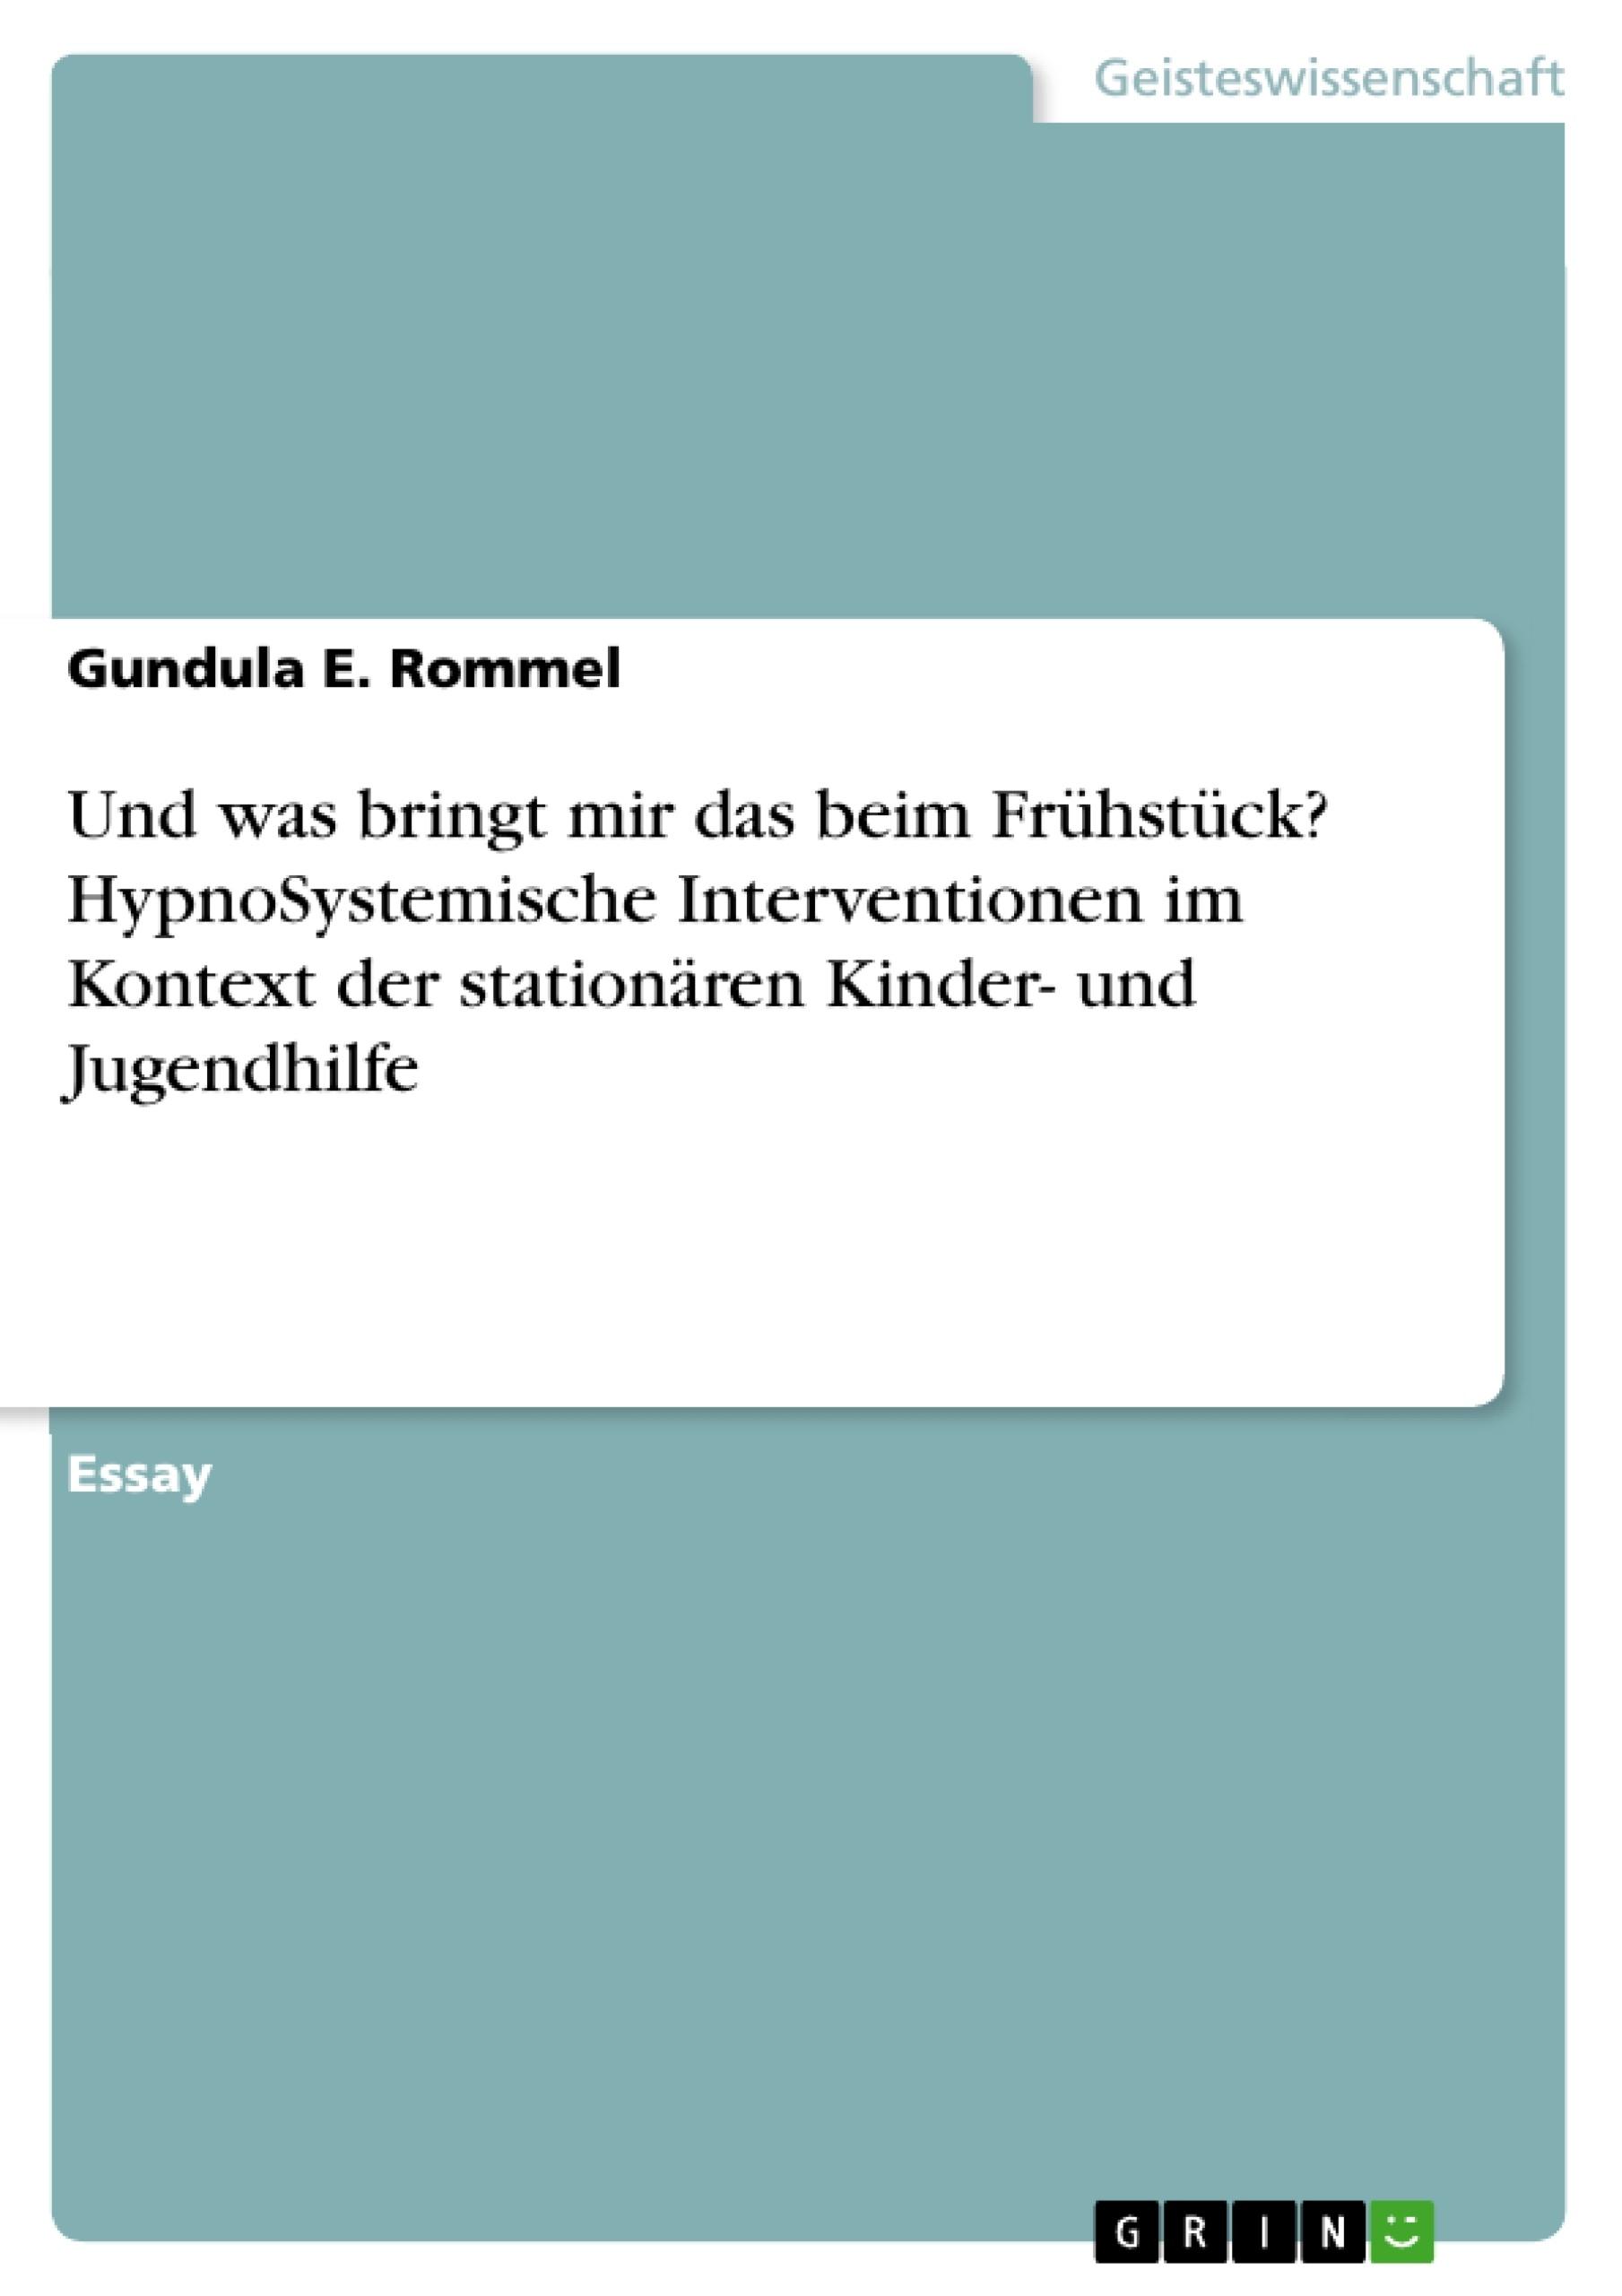 Titel: Und was bringt mir das beim Frühstück? HypnoSystemische Interventionen im Kontext der stationären Kinder- und Jugendhilfe